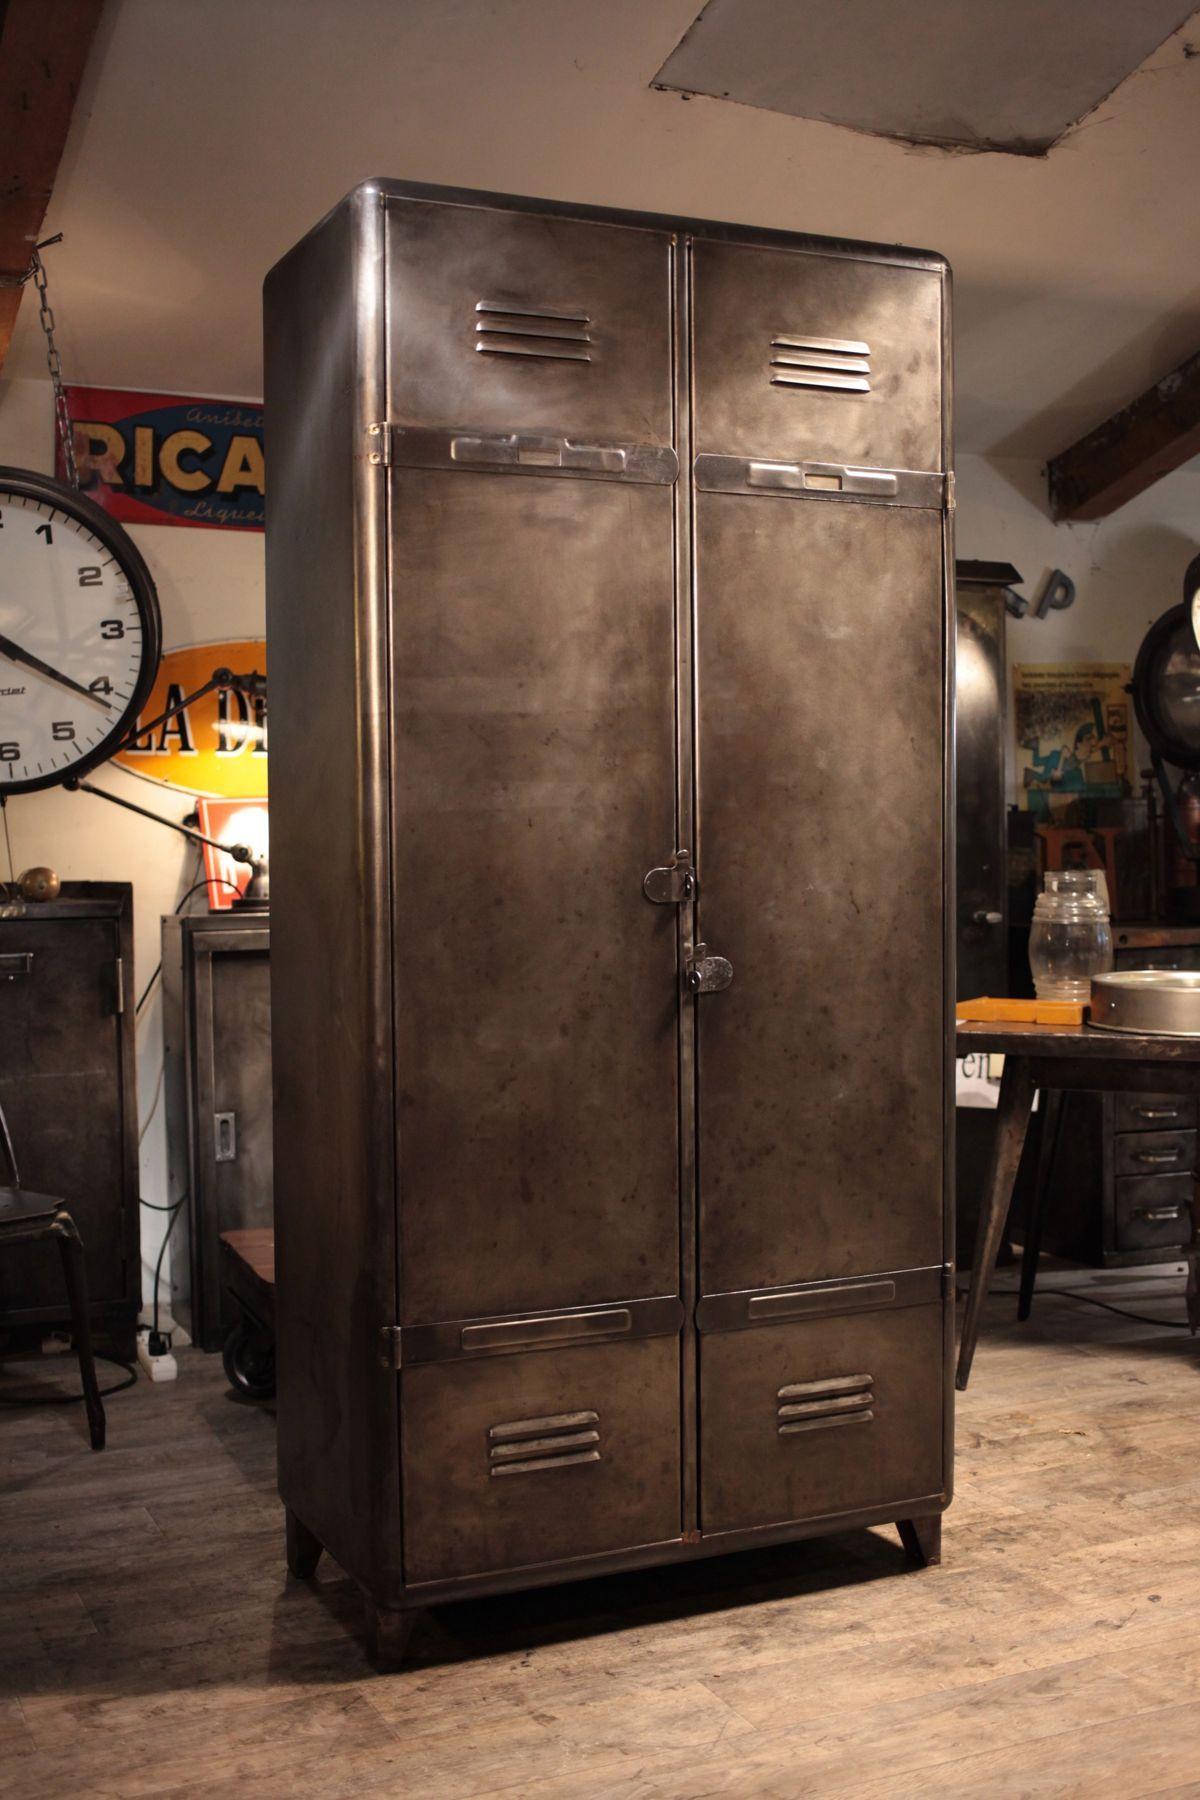 Epingle Par Antiquitesdesign Com Renaud Ja Sur Meuble Industriel Vintage De Renaud Jaylac Decoration Style Industriel Retro Meuble Salle De Bain Armoire Metallique